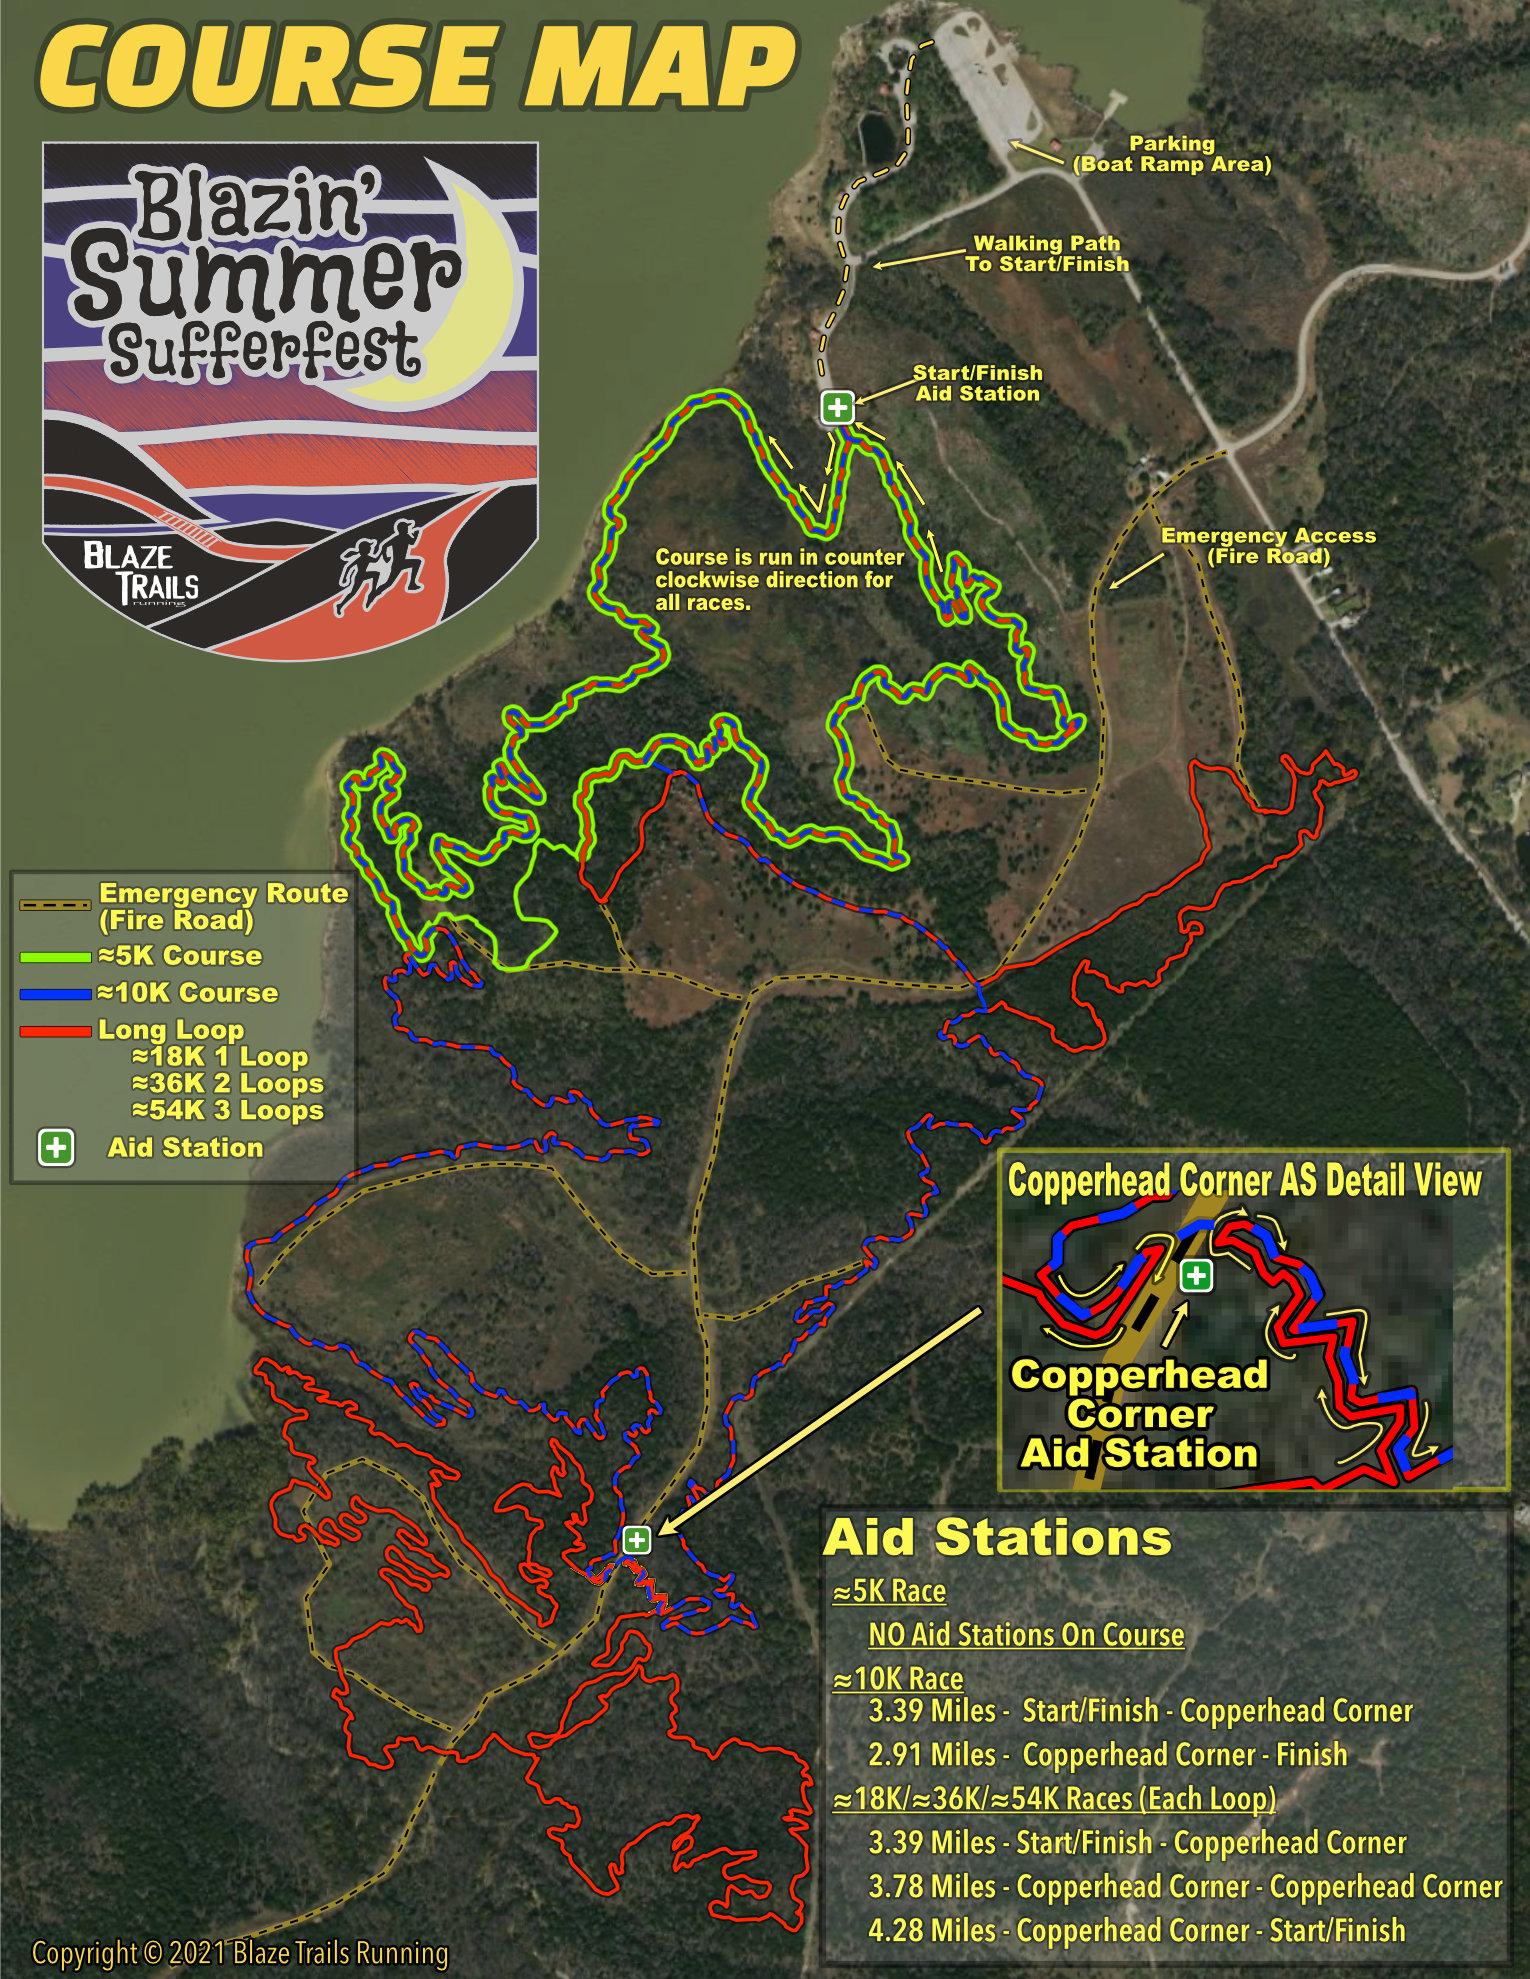 Blazin Summer Sufferfest-Cedar Hill Course Map